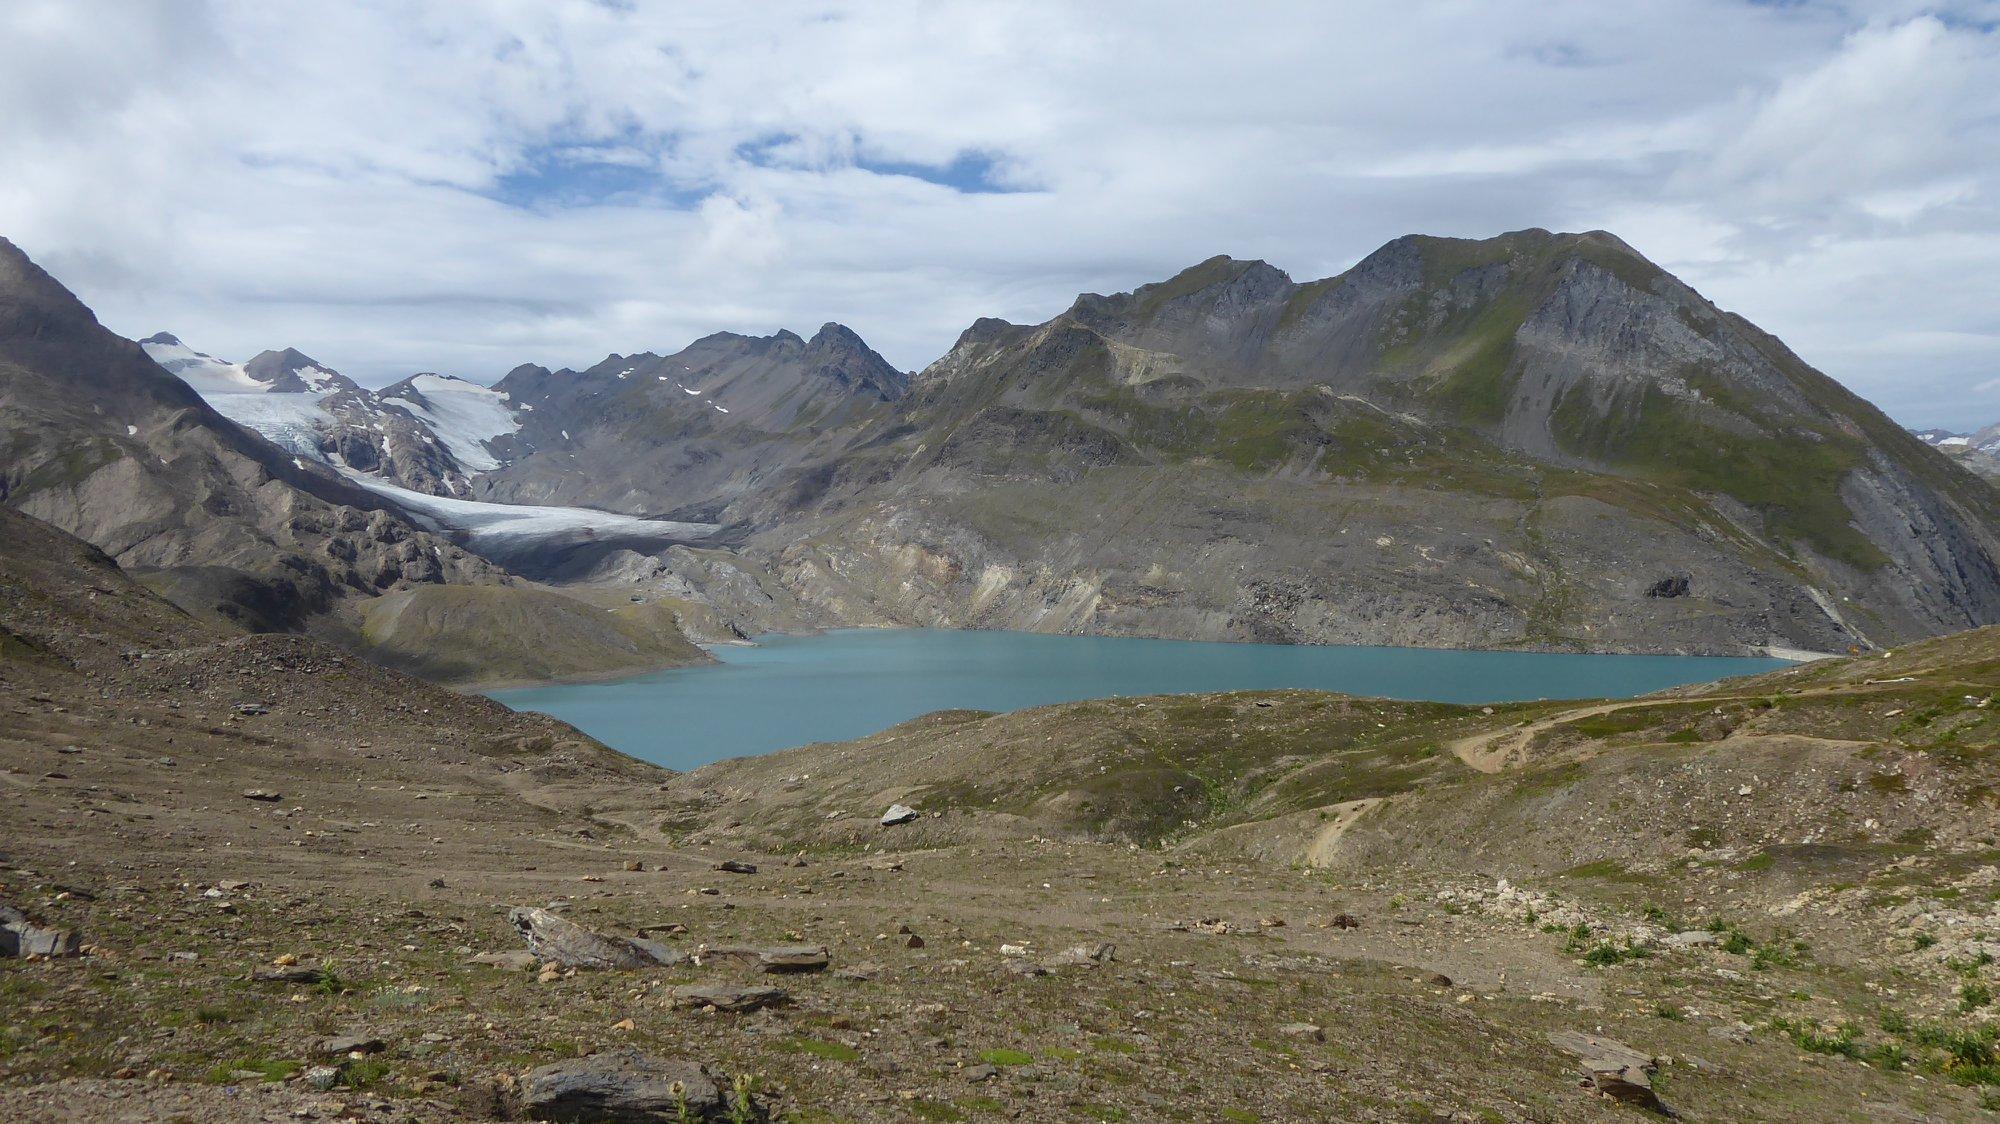 Lago piemonte